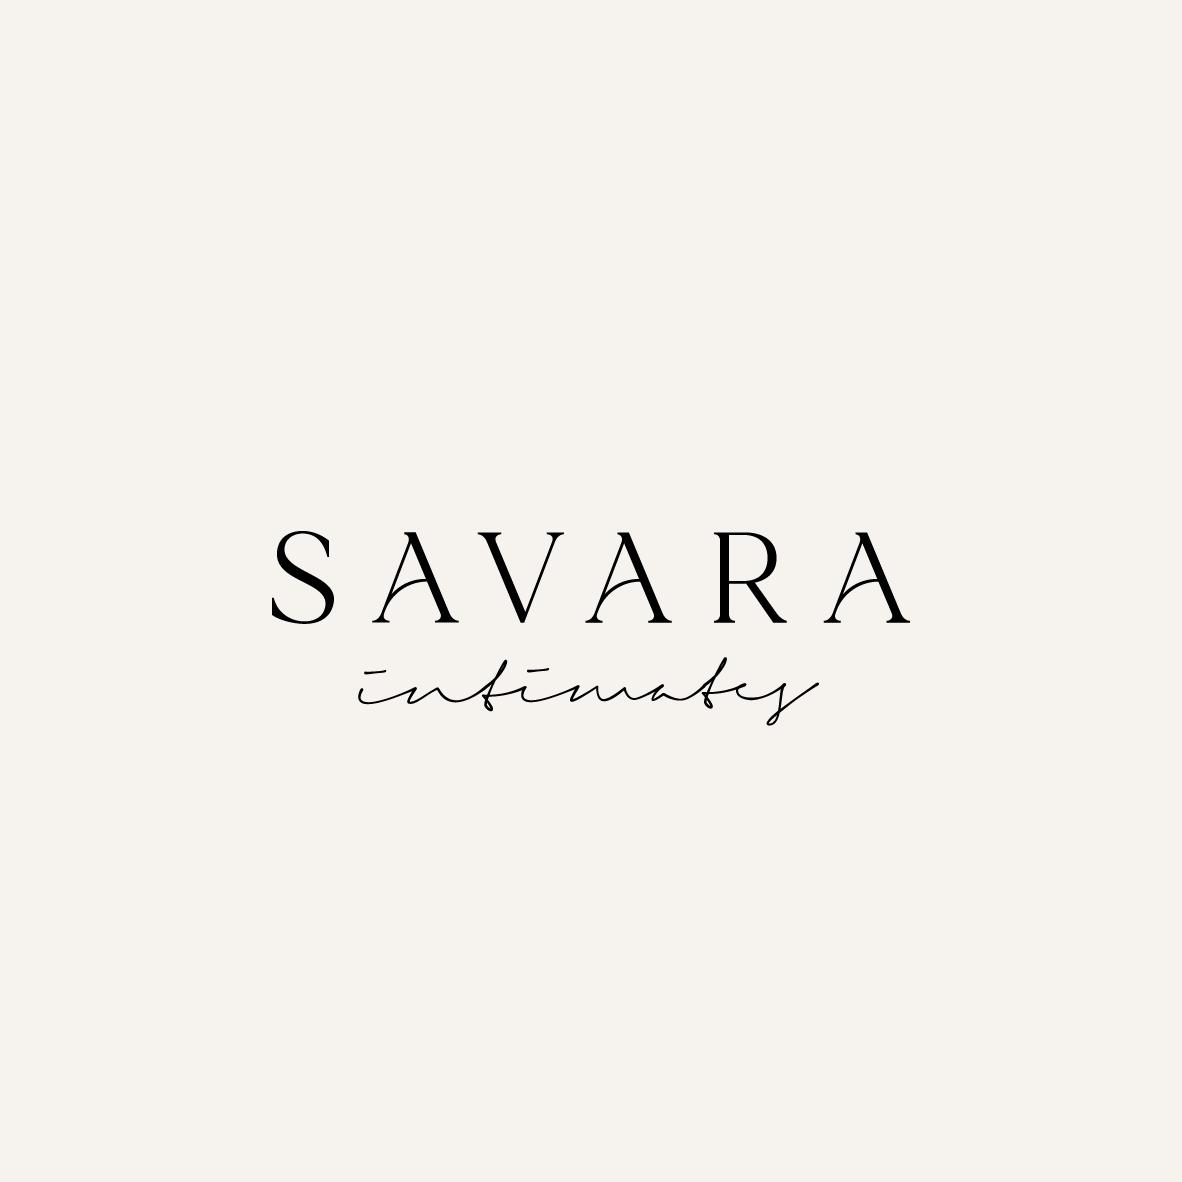 Savara